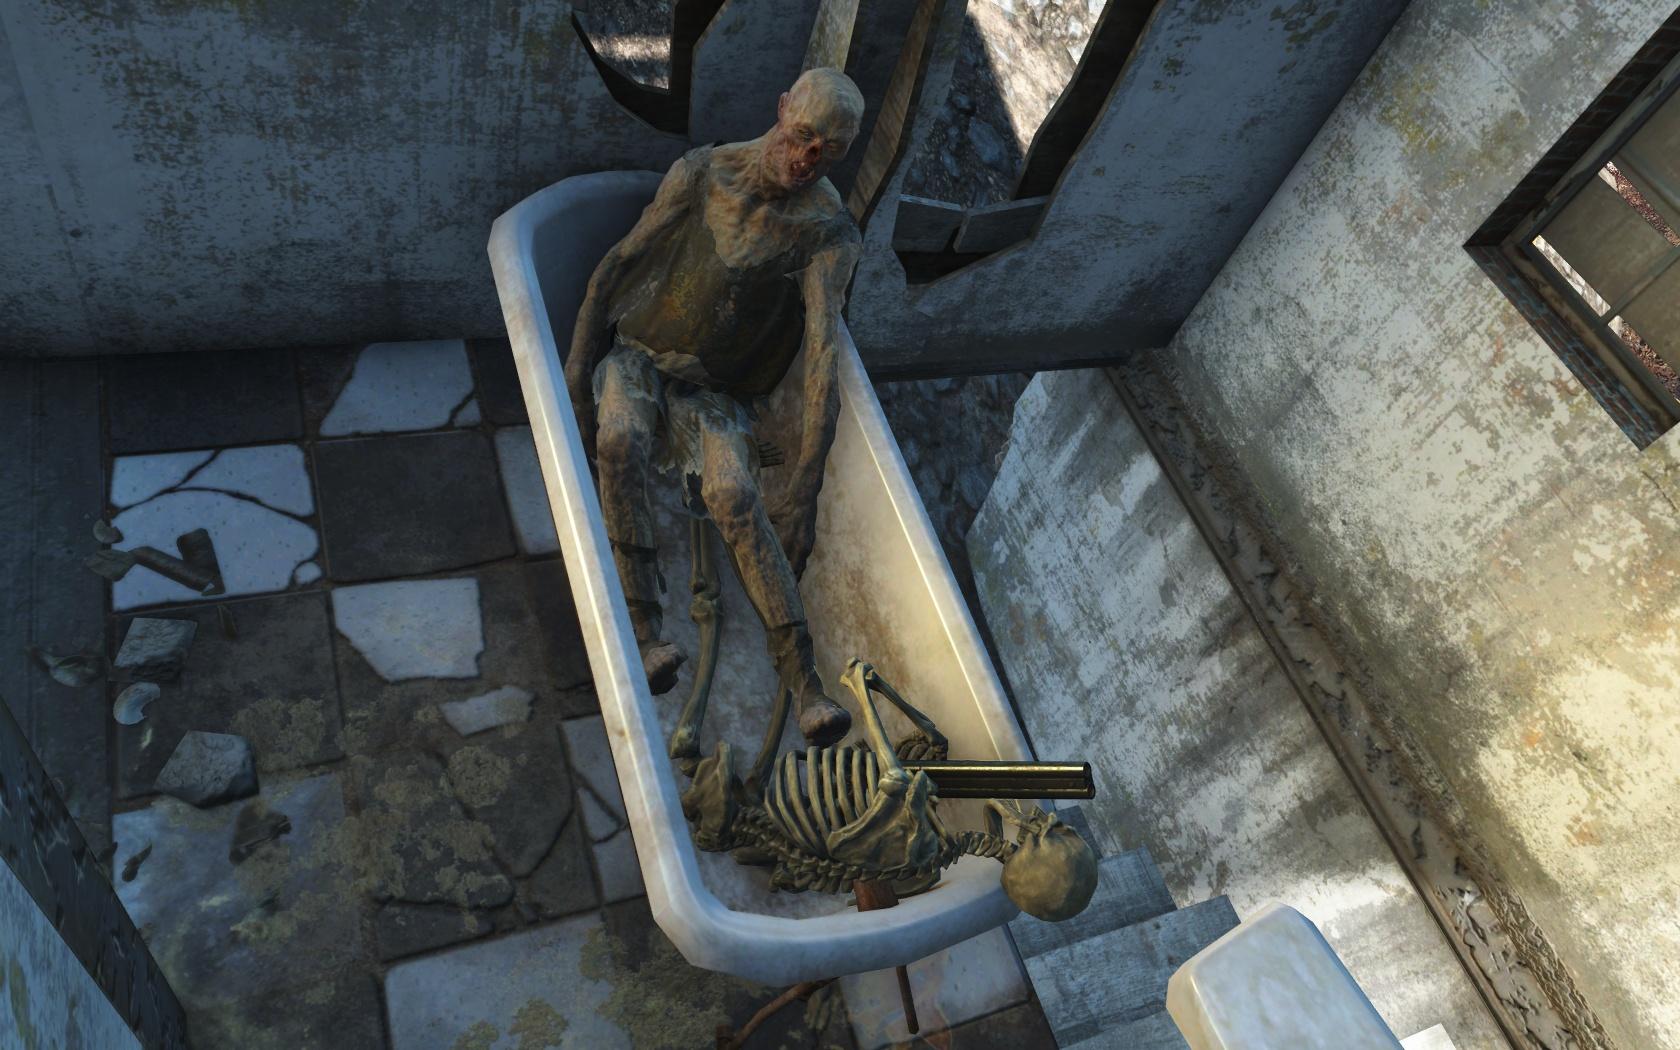 Смерть в хорошей компании (Натик-Бэнкс) - Fallout 4 гуль, Натик-Бэнкс, скелет